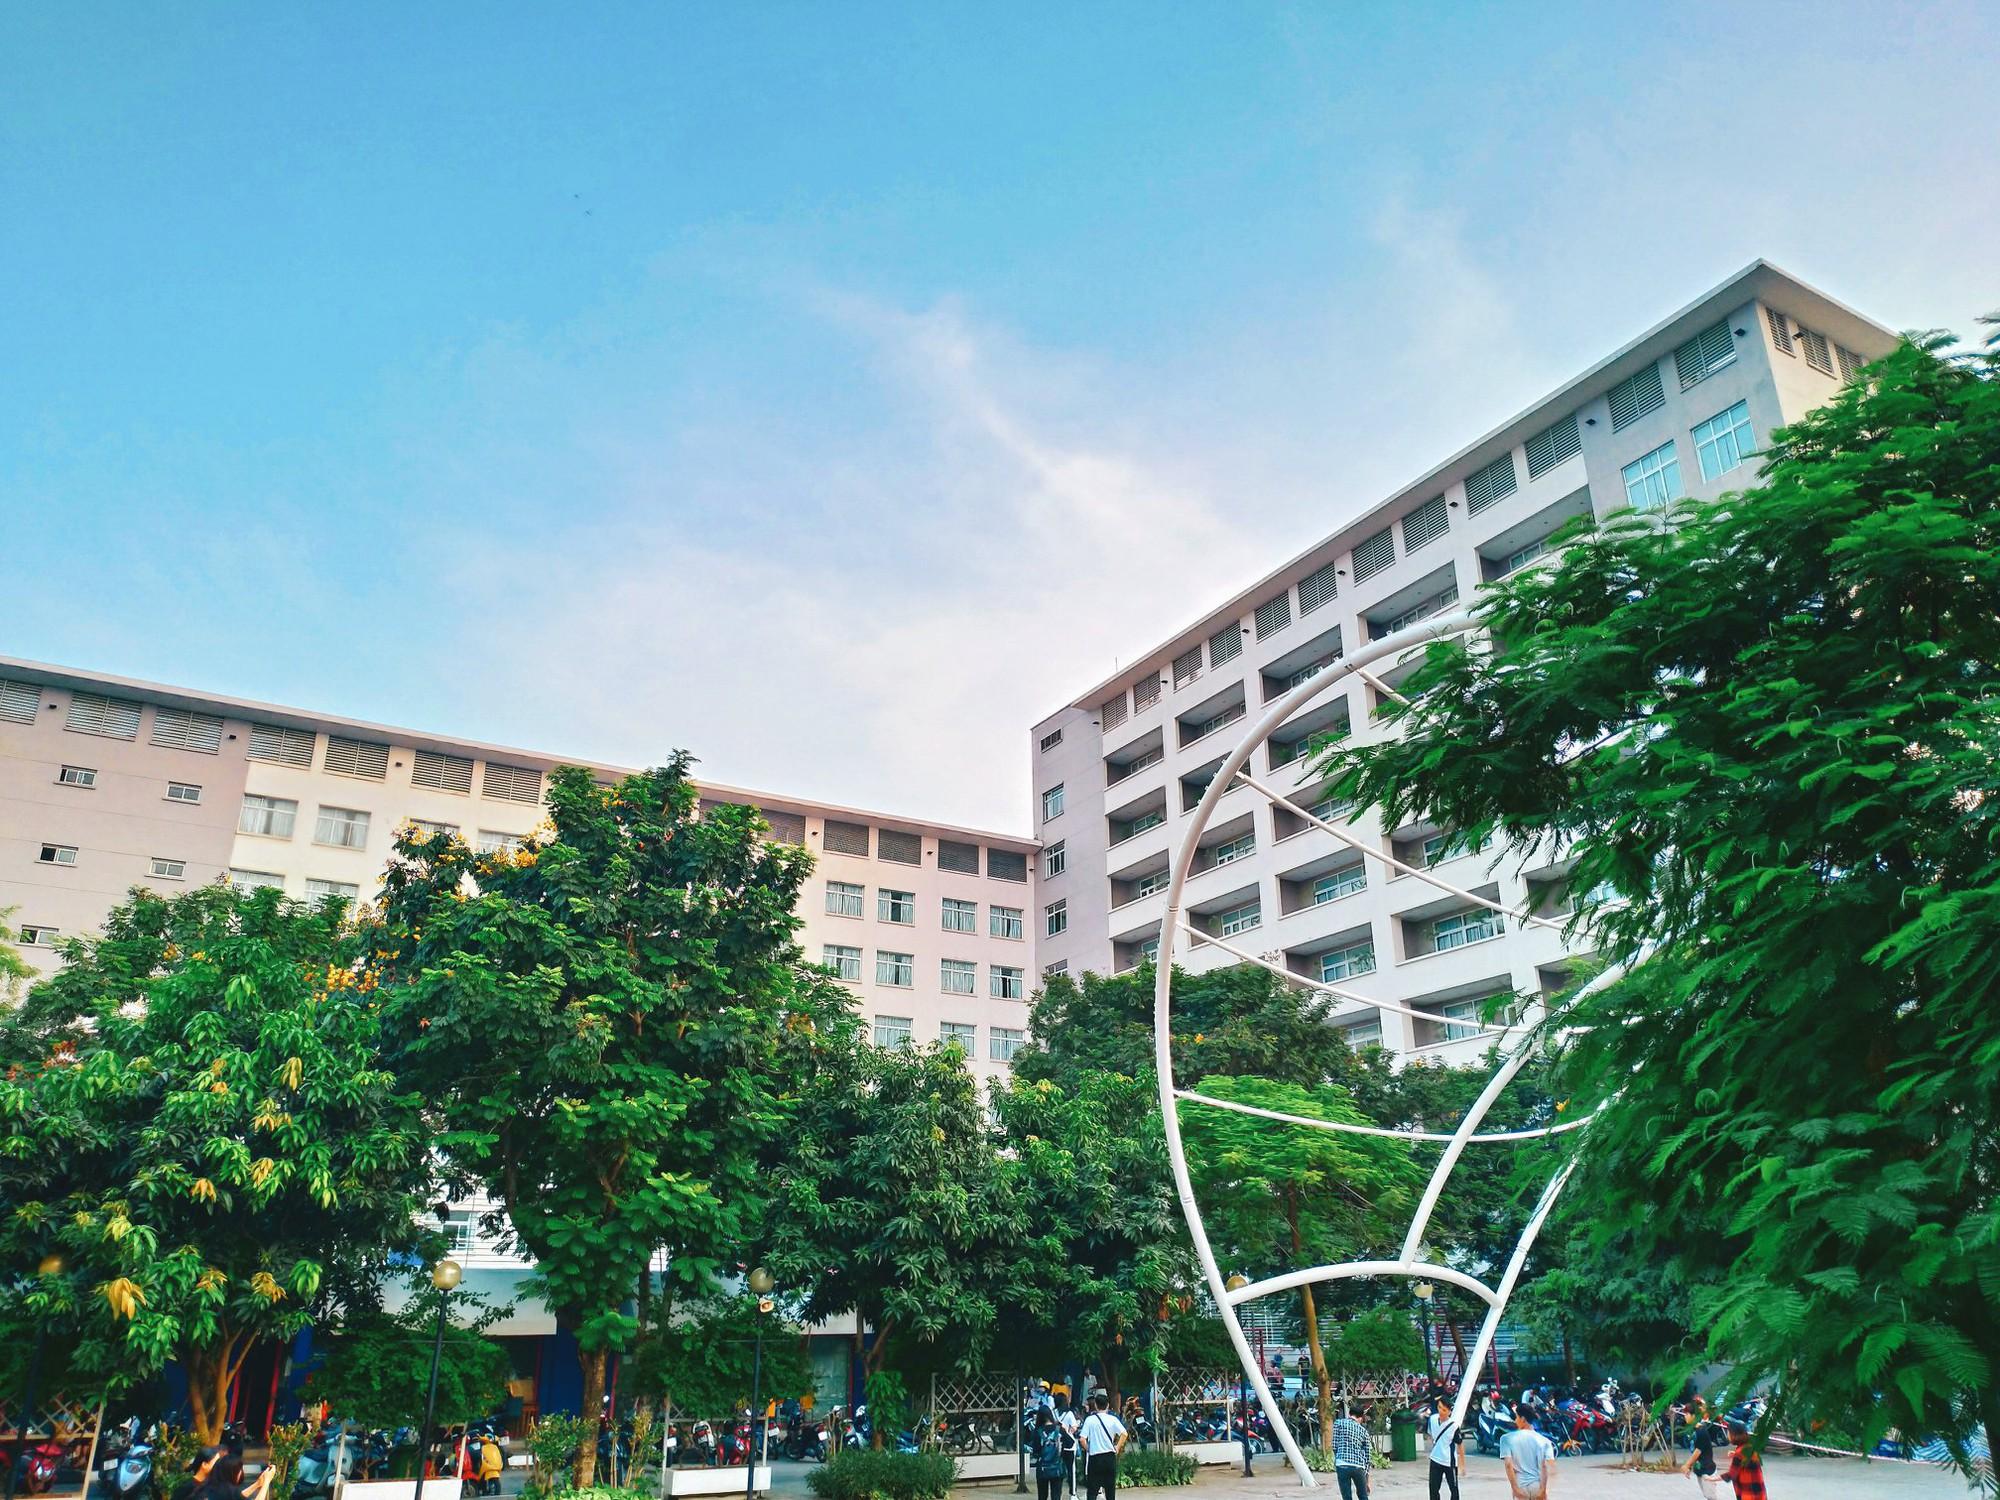 Bắc có ĐH Thăng Long, Nam có ĐH RMIT, đây chắc chắn là 2 ngôi trường đẹp, xịn nhất Việt Nam - Ảnh 3.